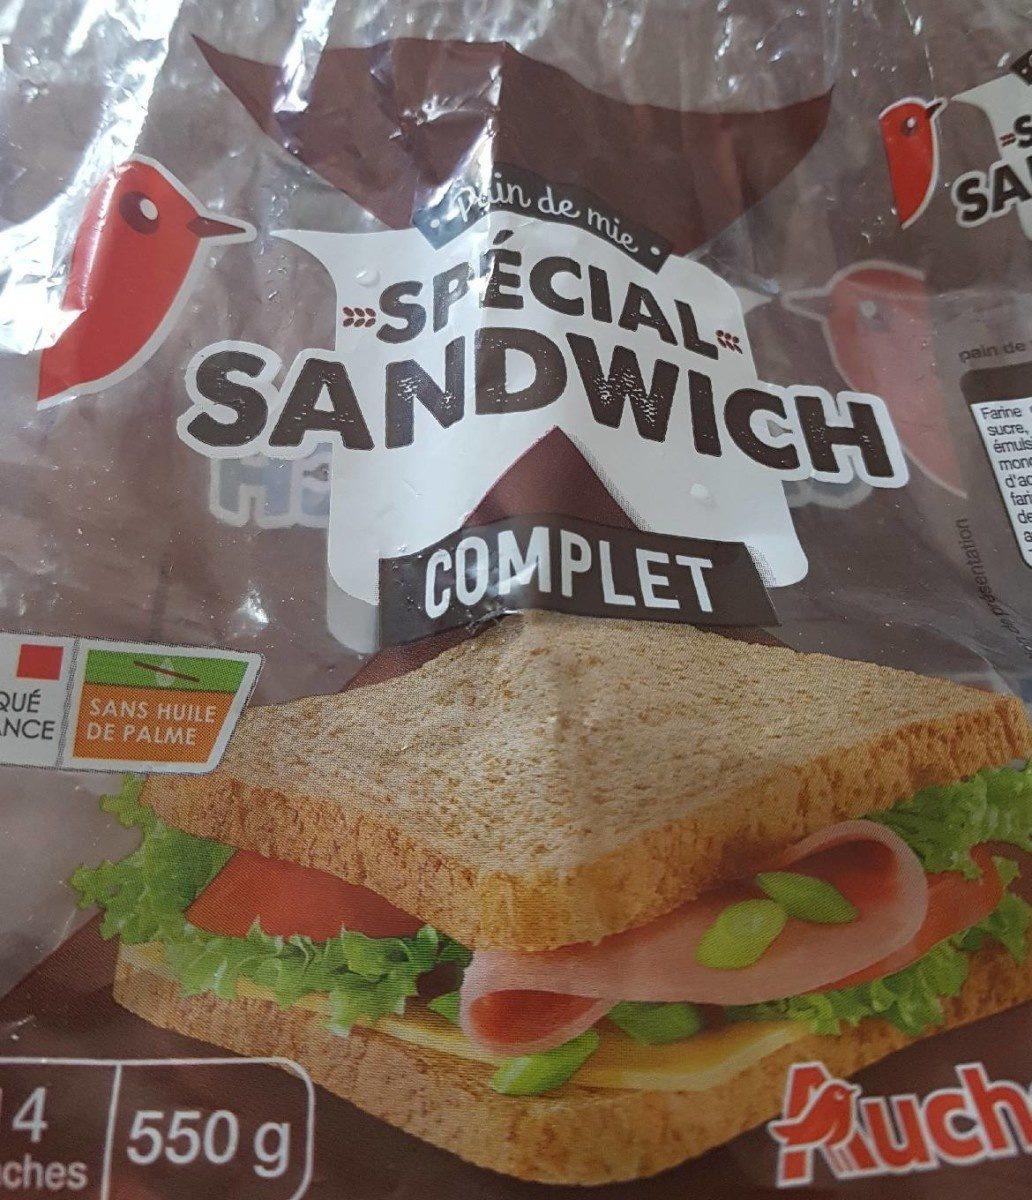 pain de mie complet sp cial sandwich auchan 550 g. Black Bedroom Furniture Sets. Home Design Ideas